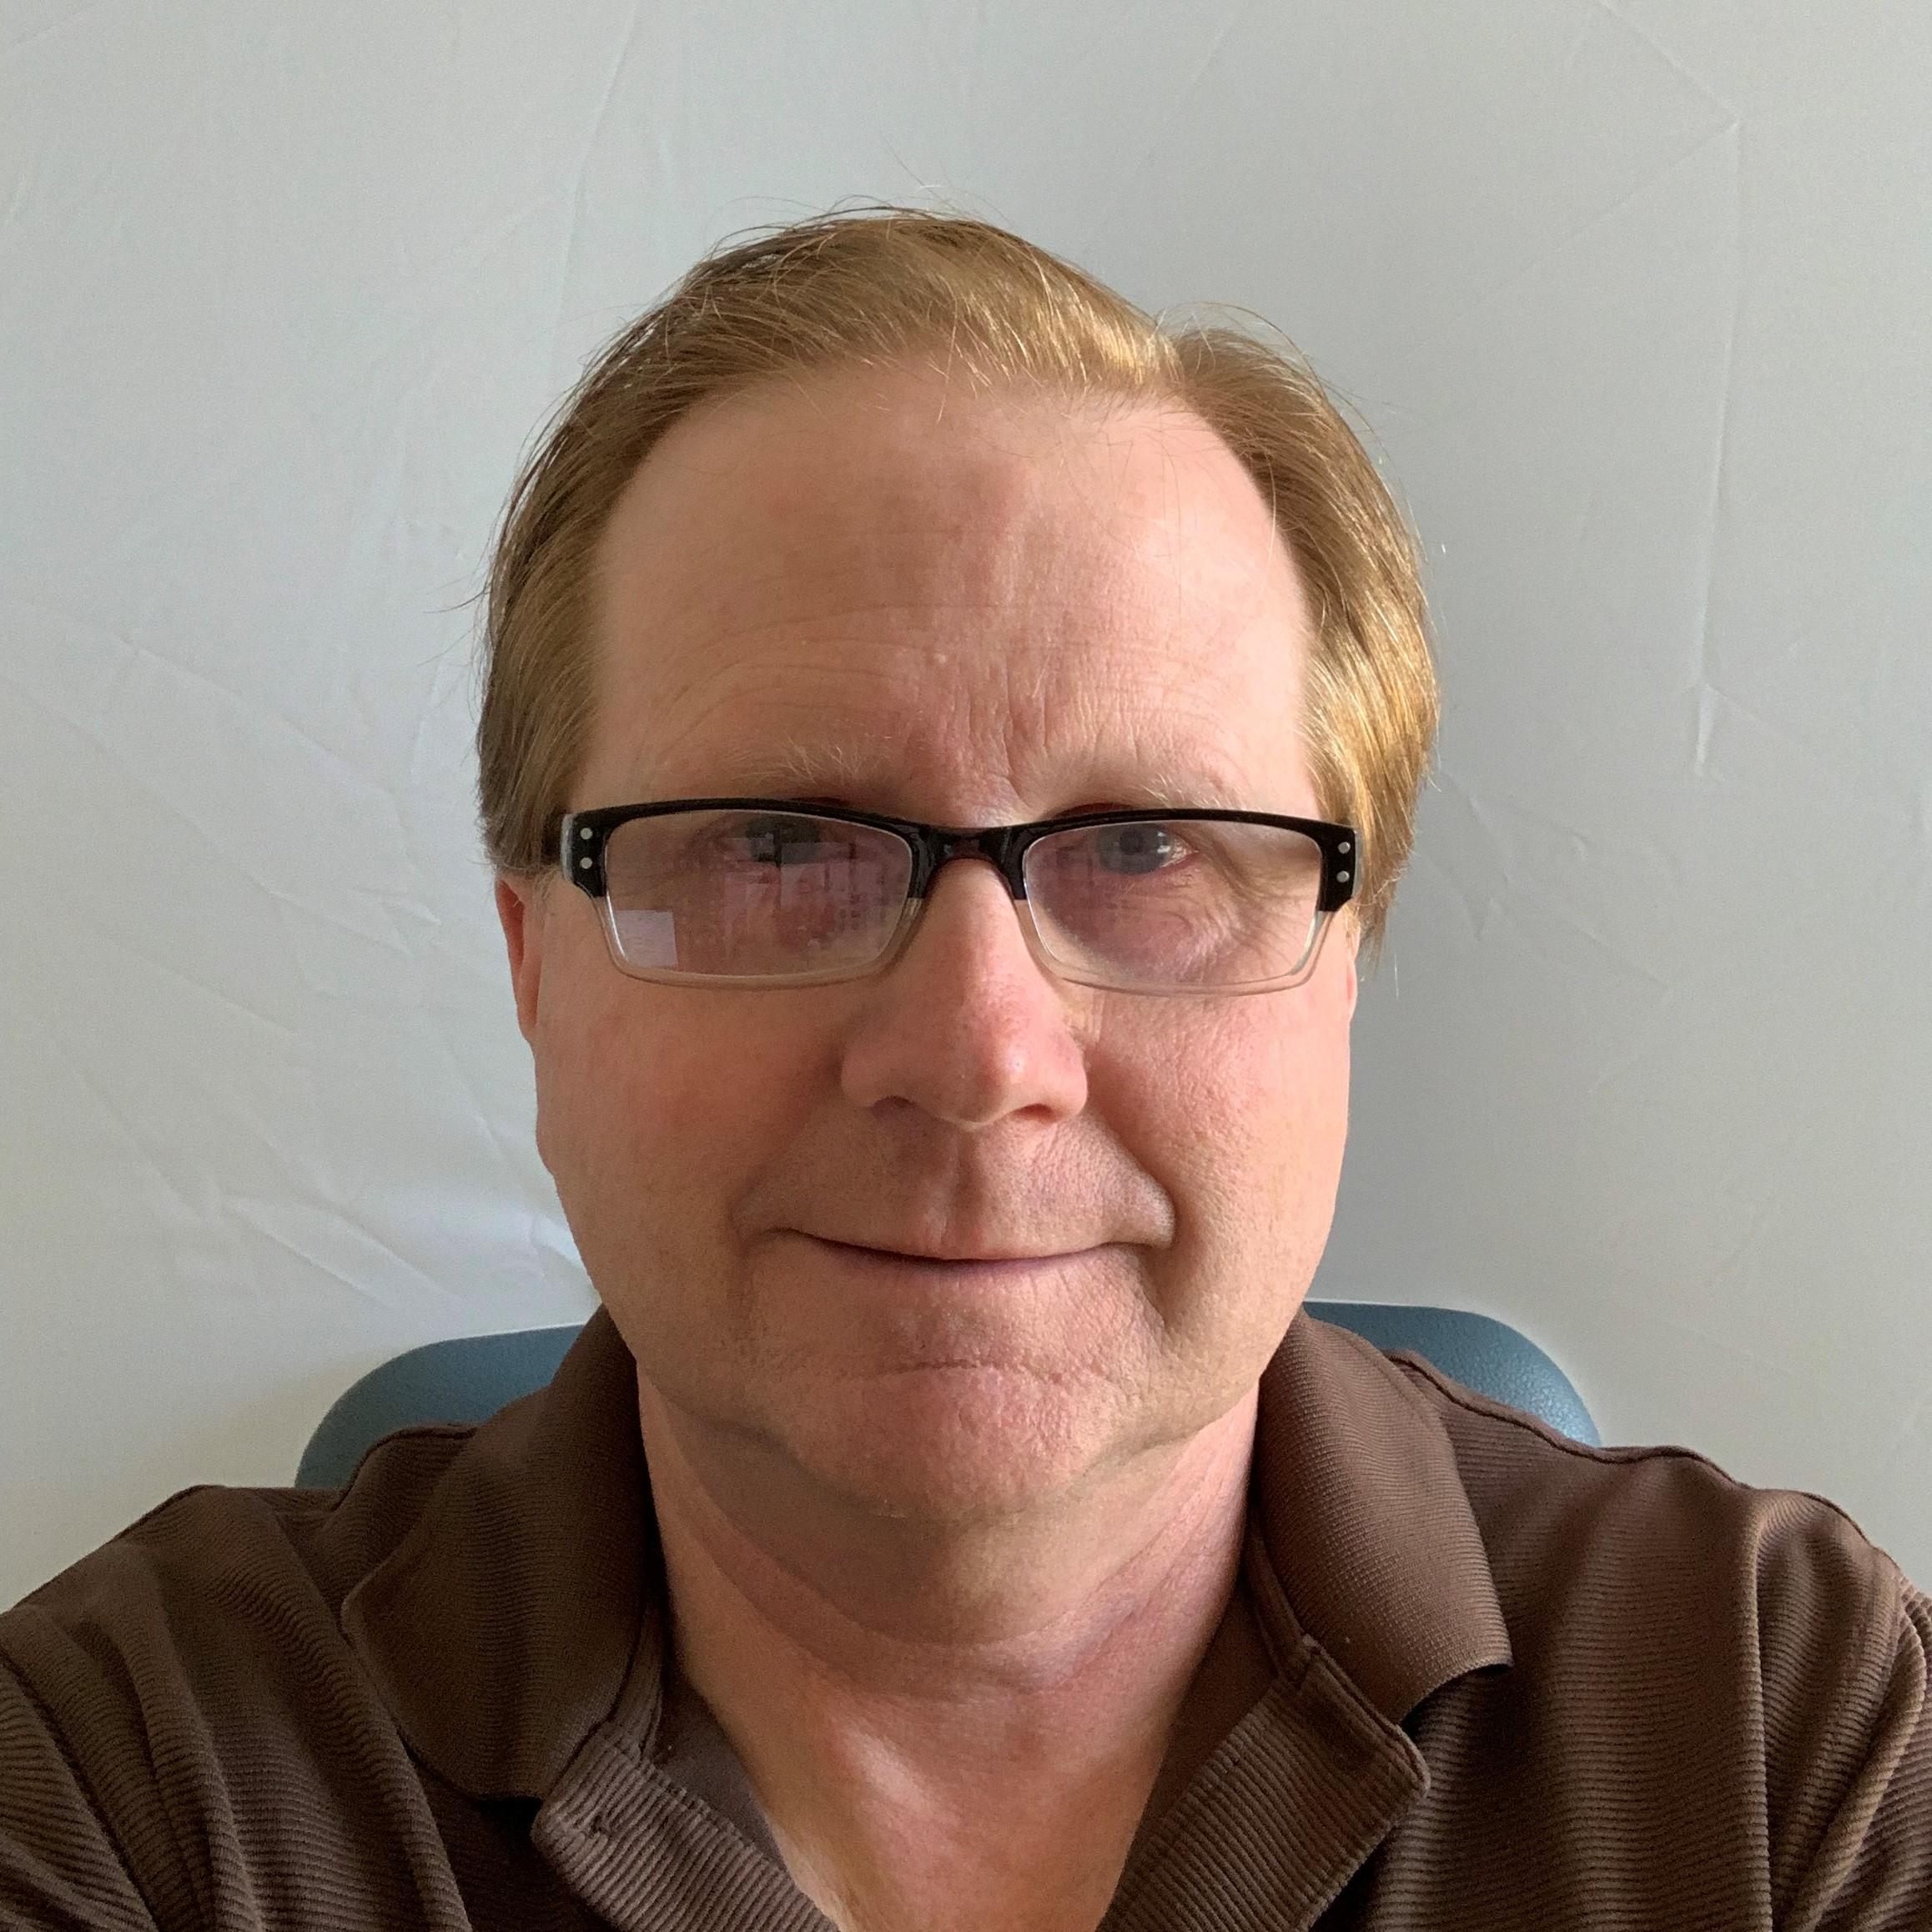 Profile image of Brian Oatman